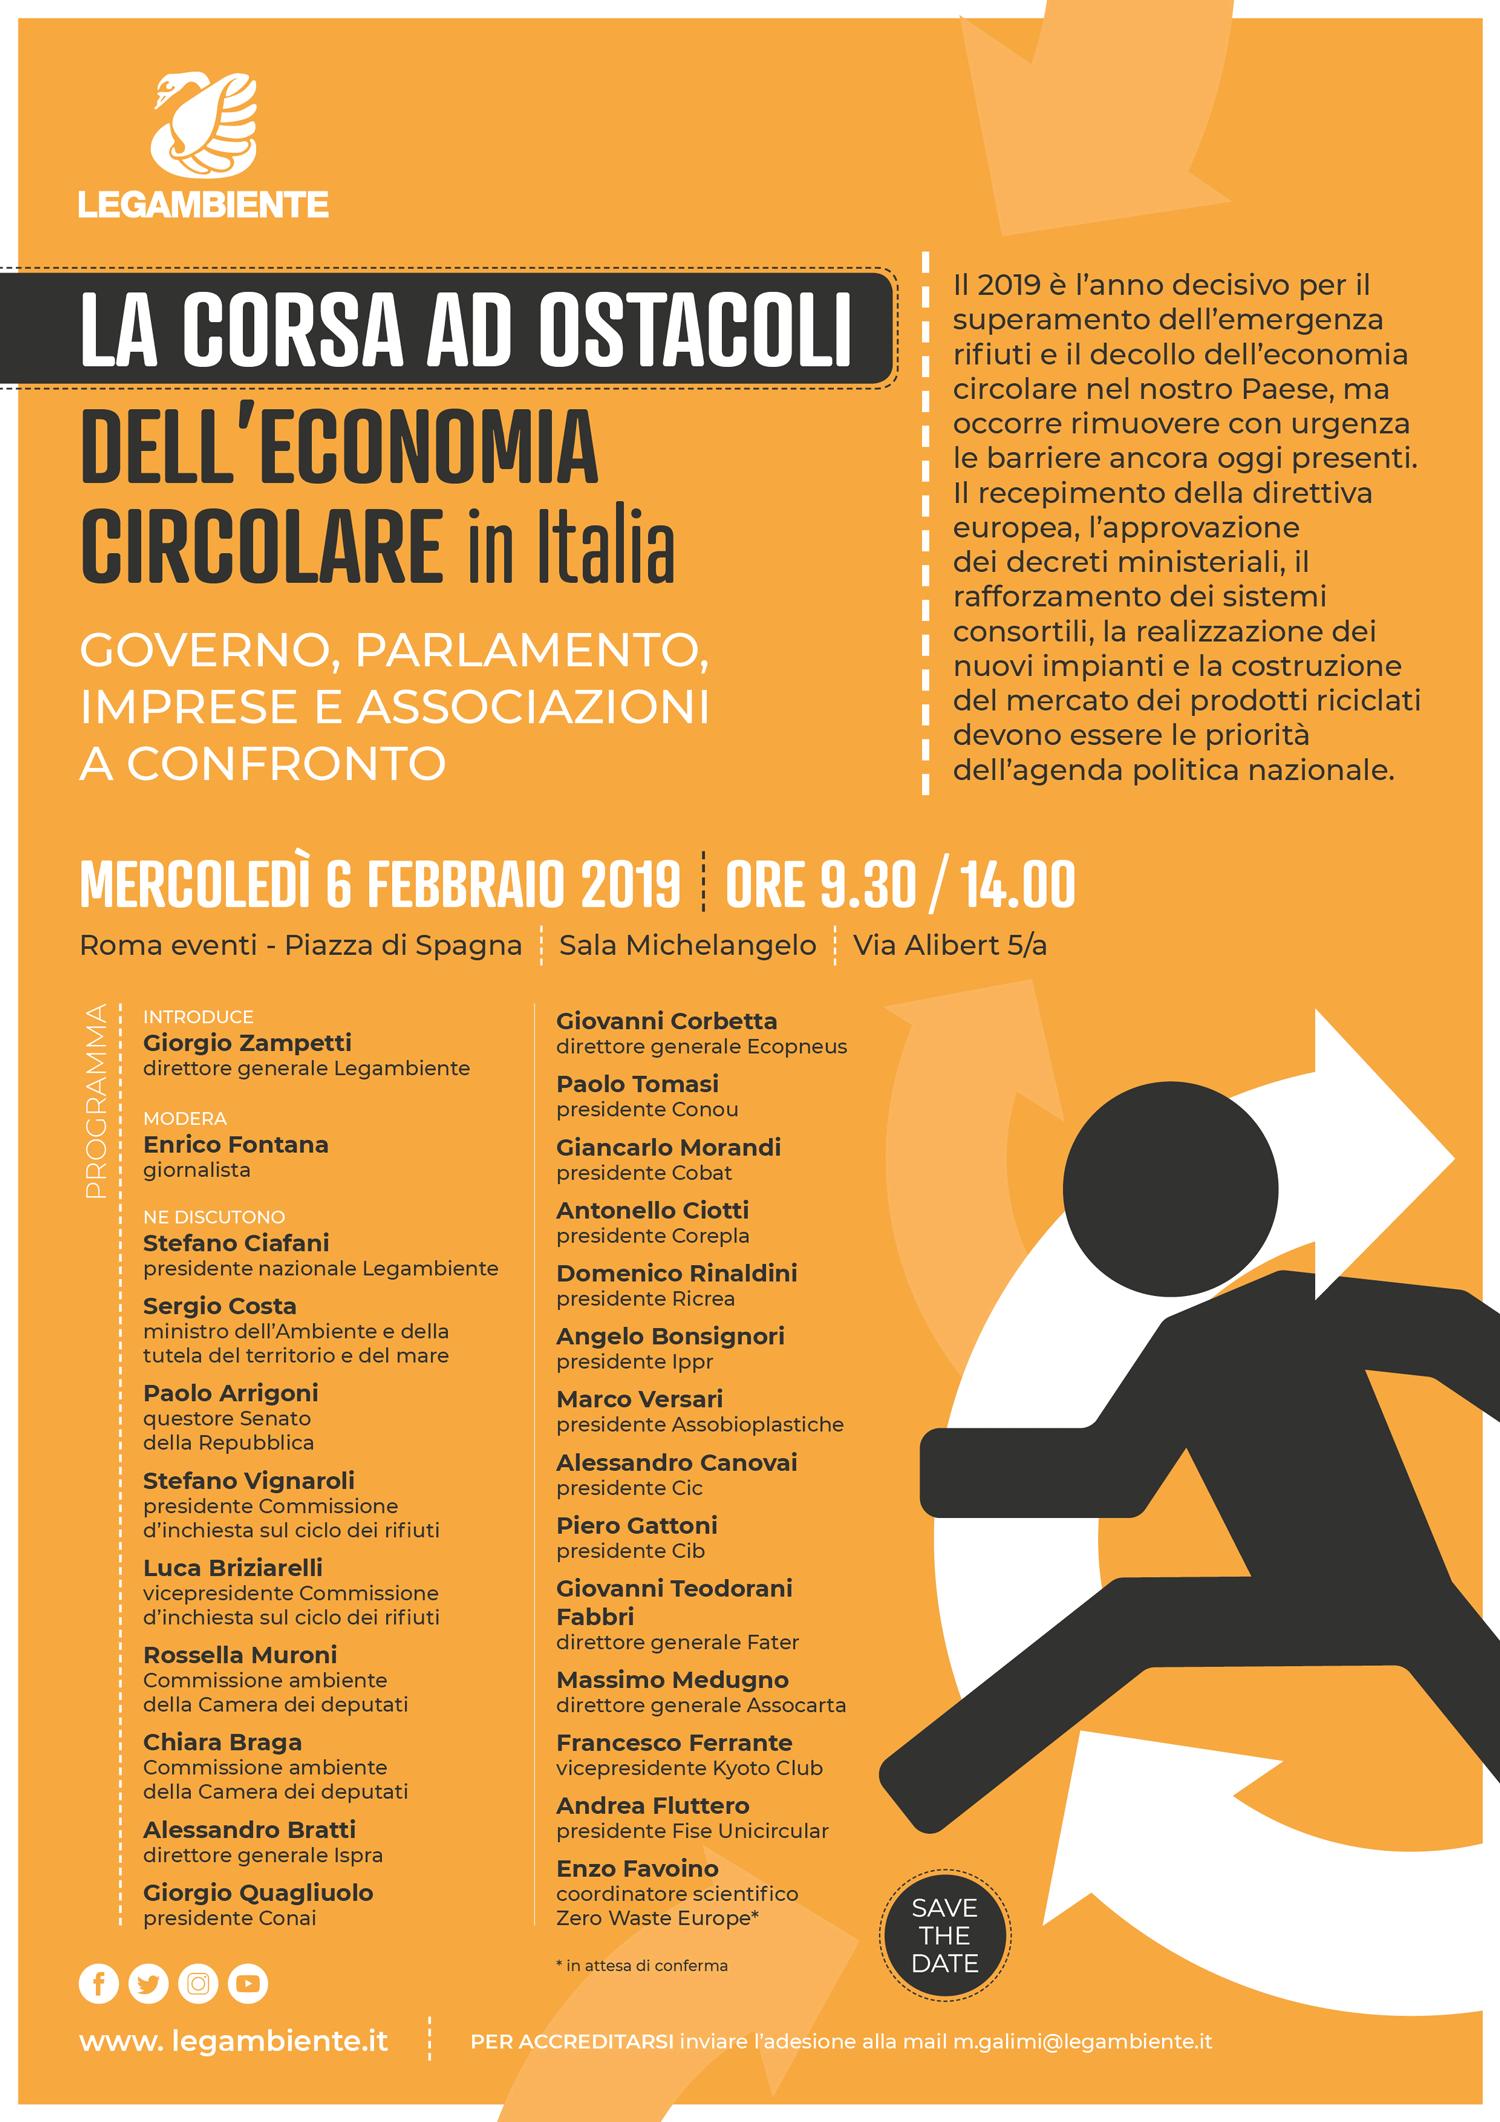 Programma corsa ostacoli Legambiente2019